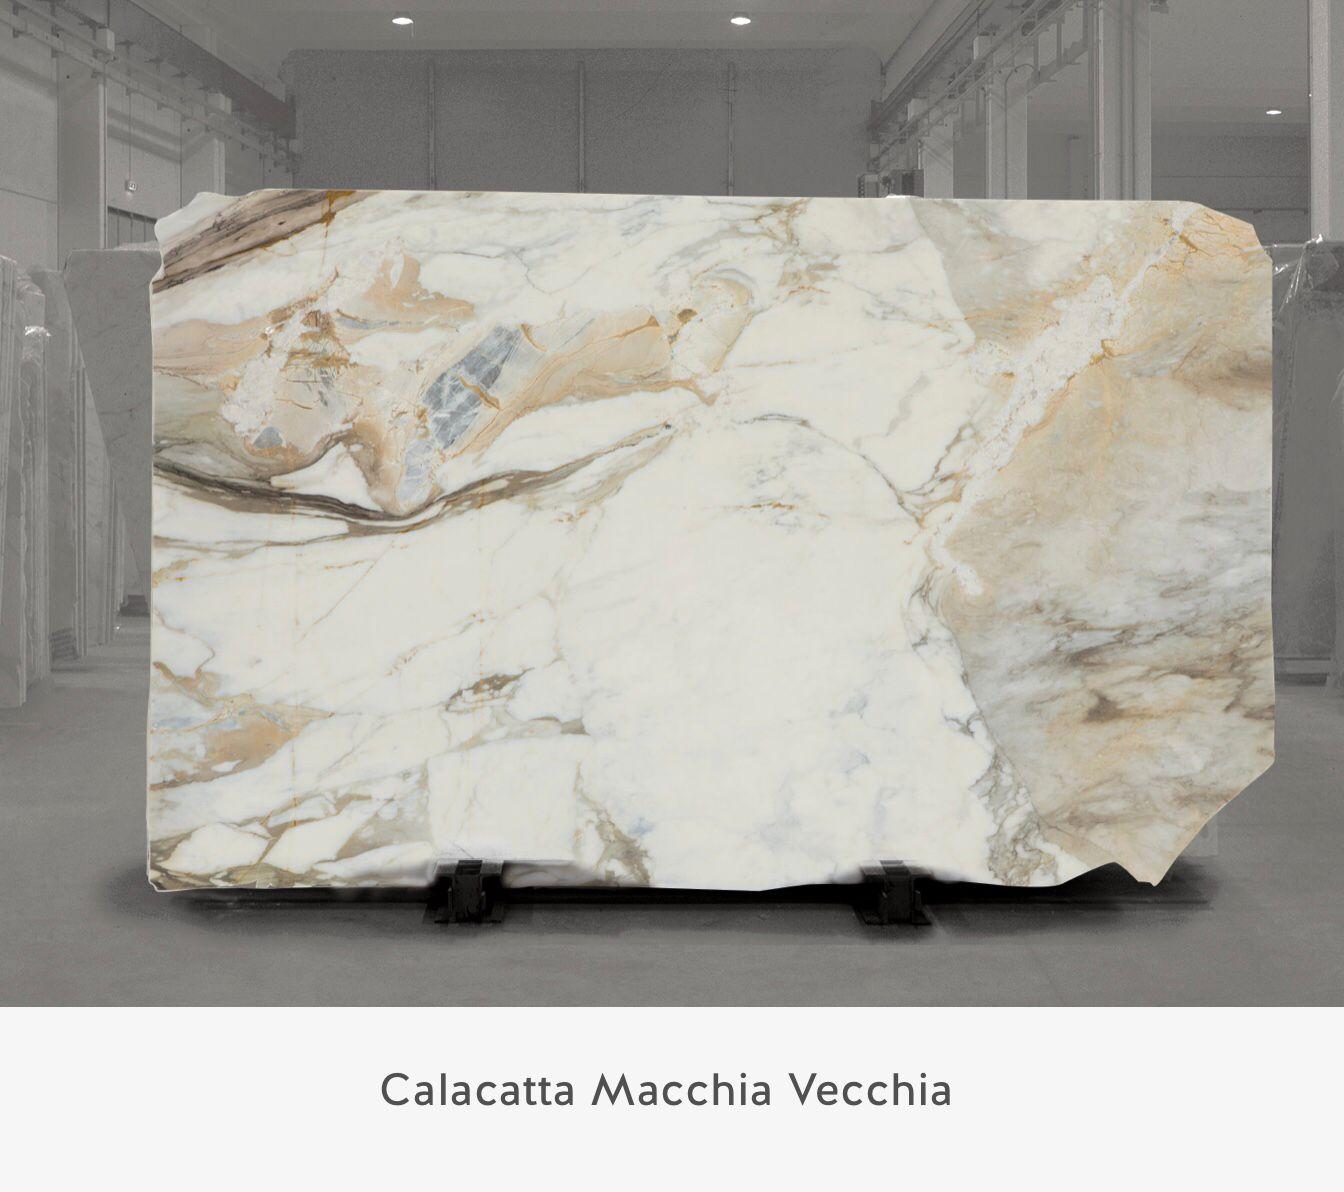 Calacatta Macchia Vecchia